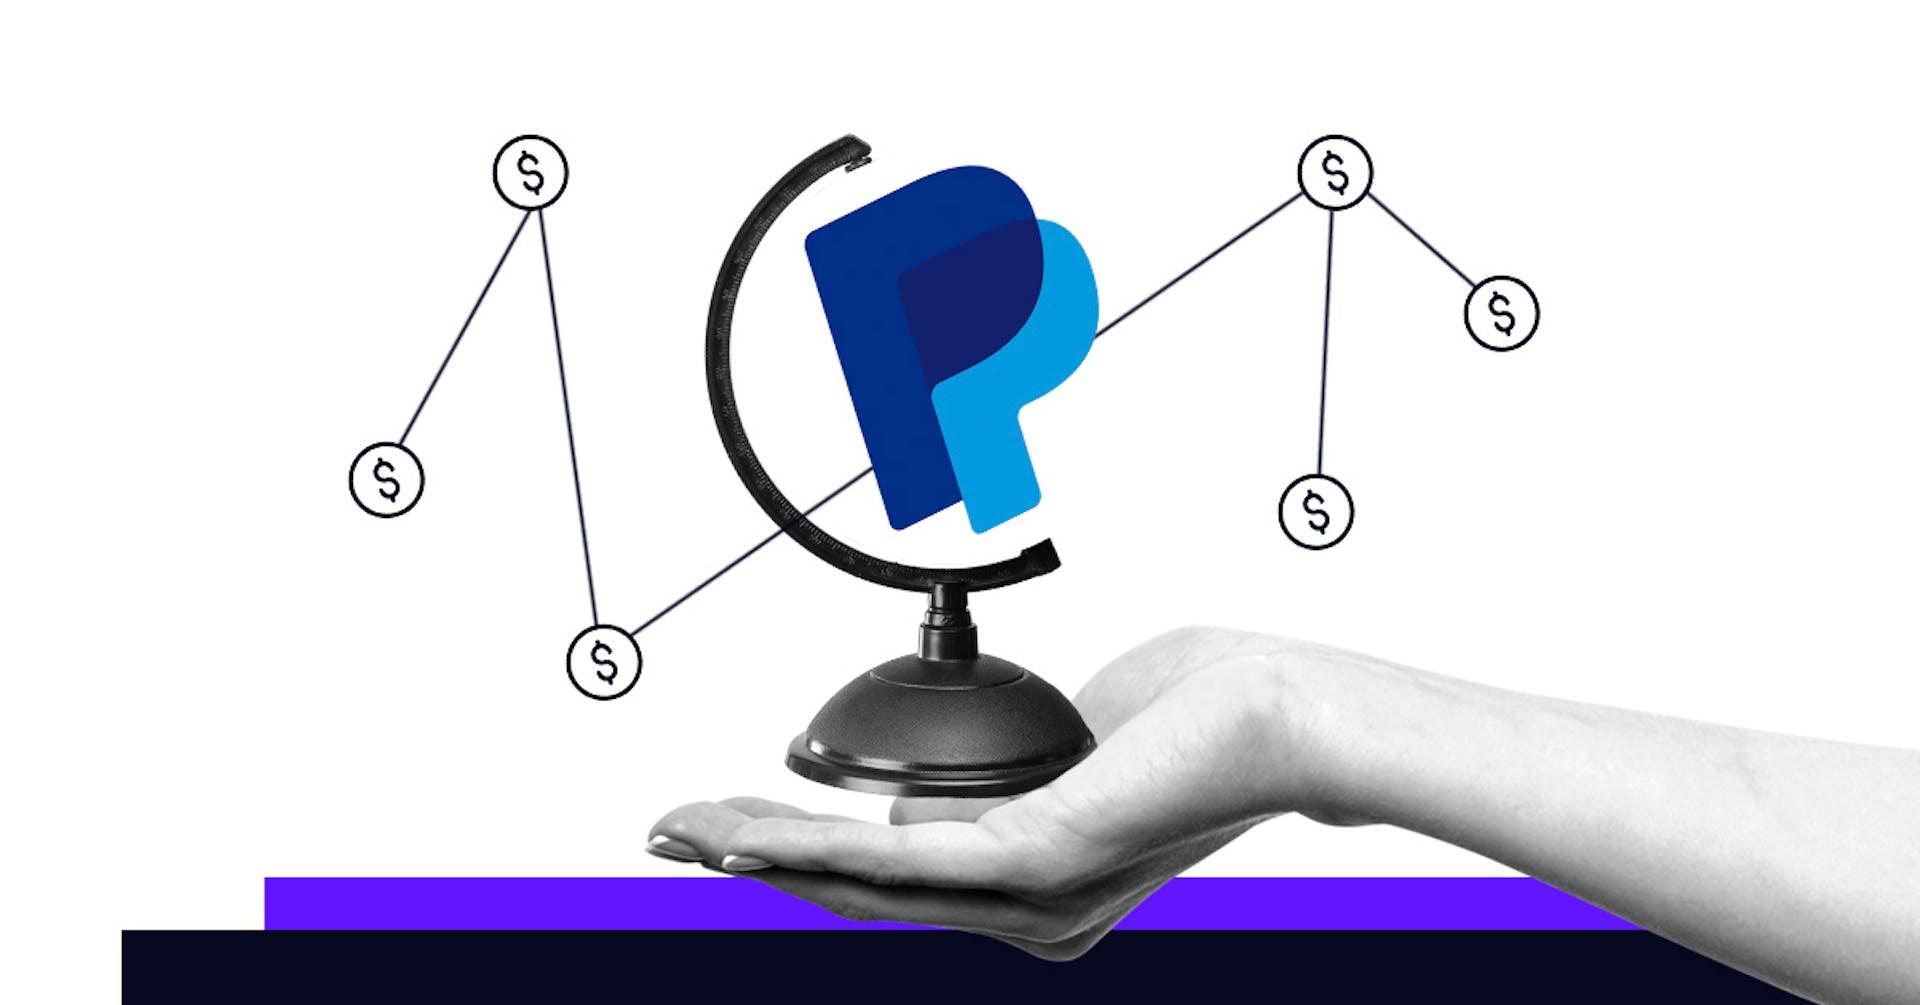 Descubre qué es PayPal y domina este monedero electrónico ¡Haz crecer tu negocio!